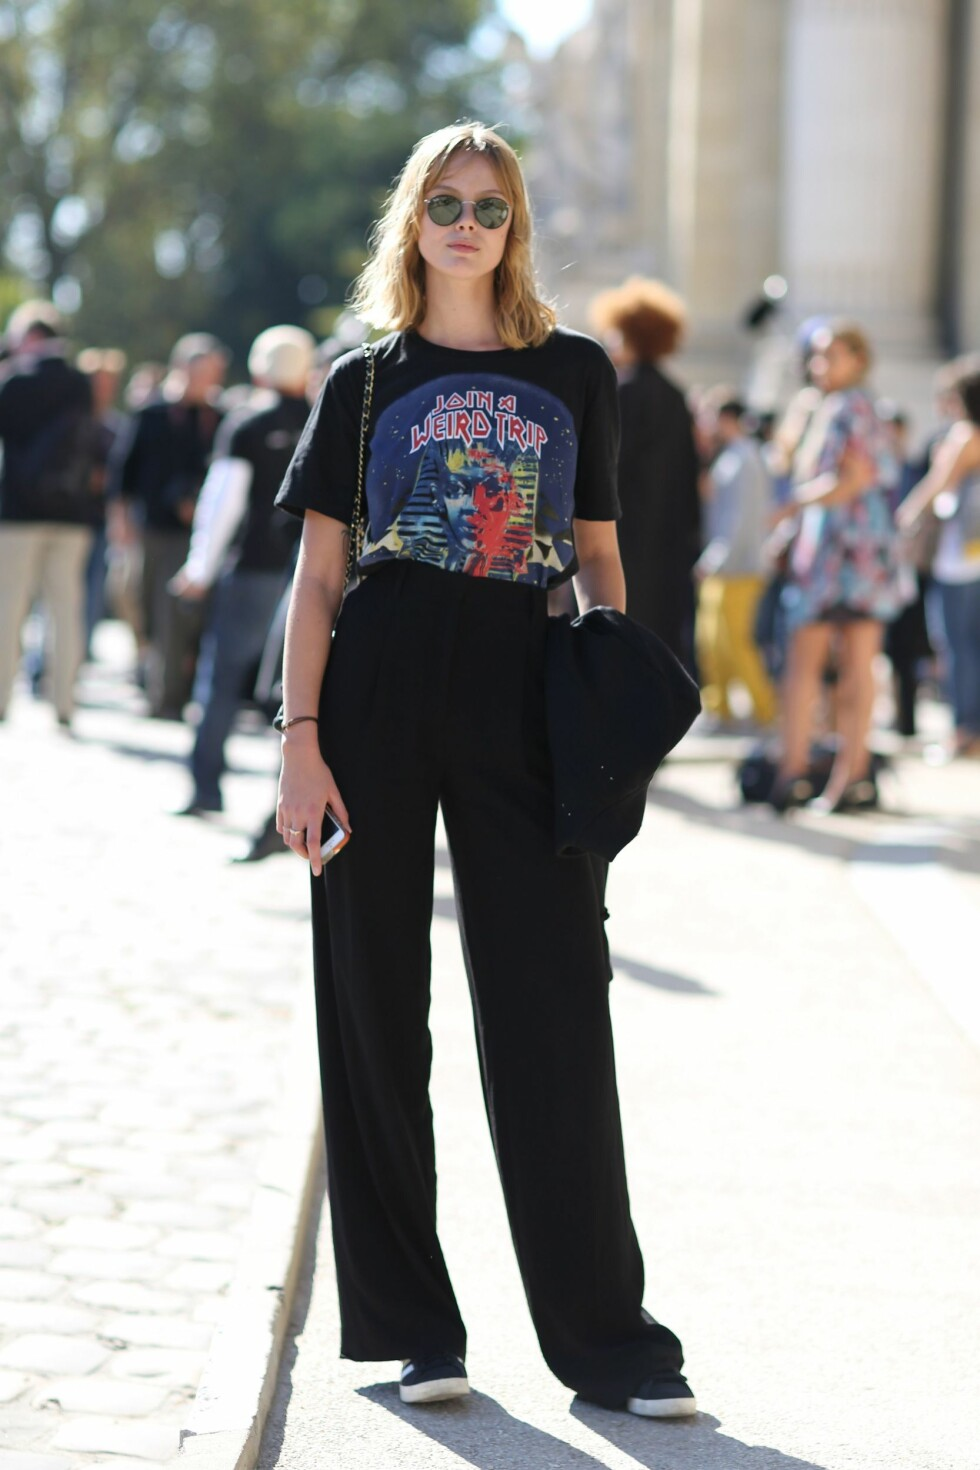 For noen sesonger siden moderniserte motehuset Balenciaga den retro trenden i en T-skjorte kolleksjon med vintage-inspirert motiv. Foto: All Over